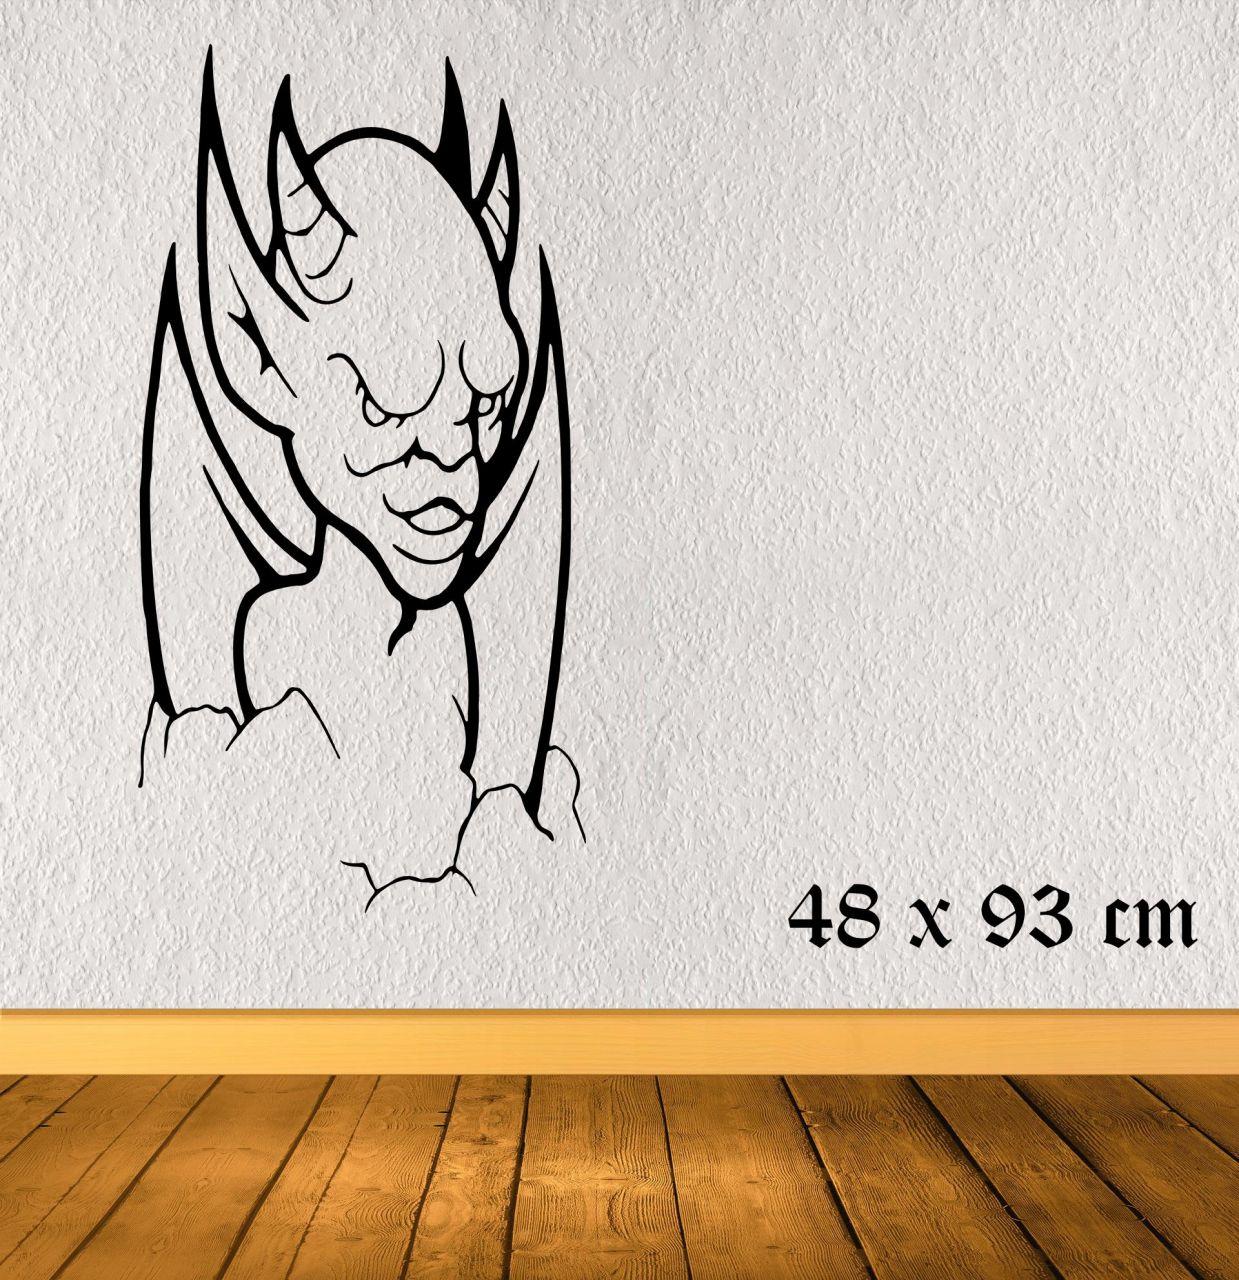 Dämonischer Teufel rechts